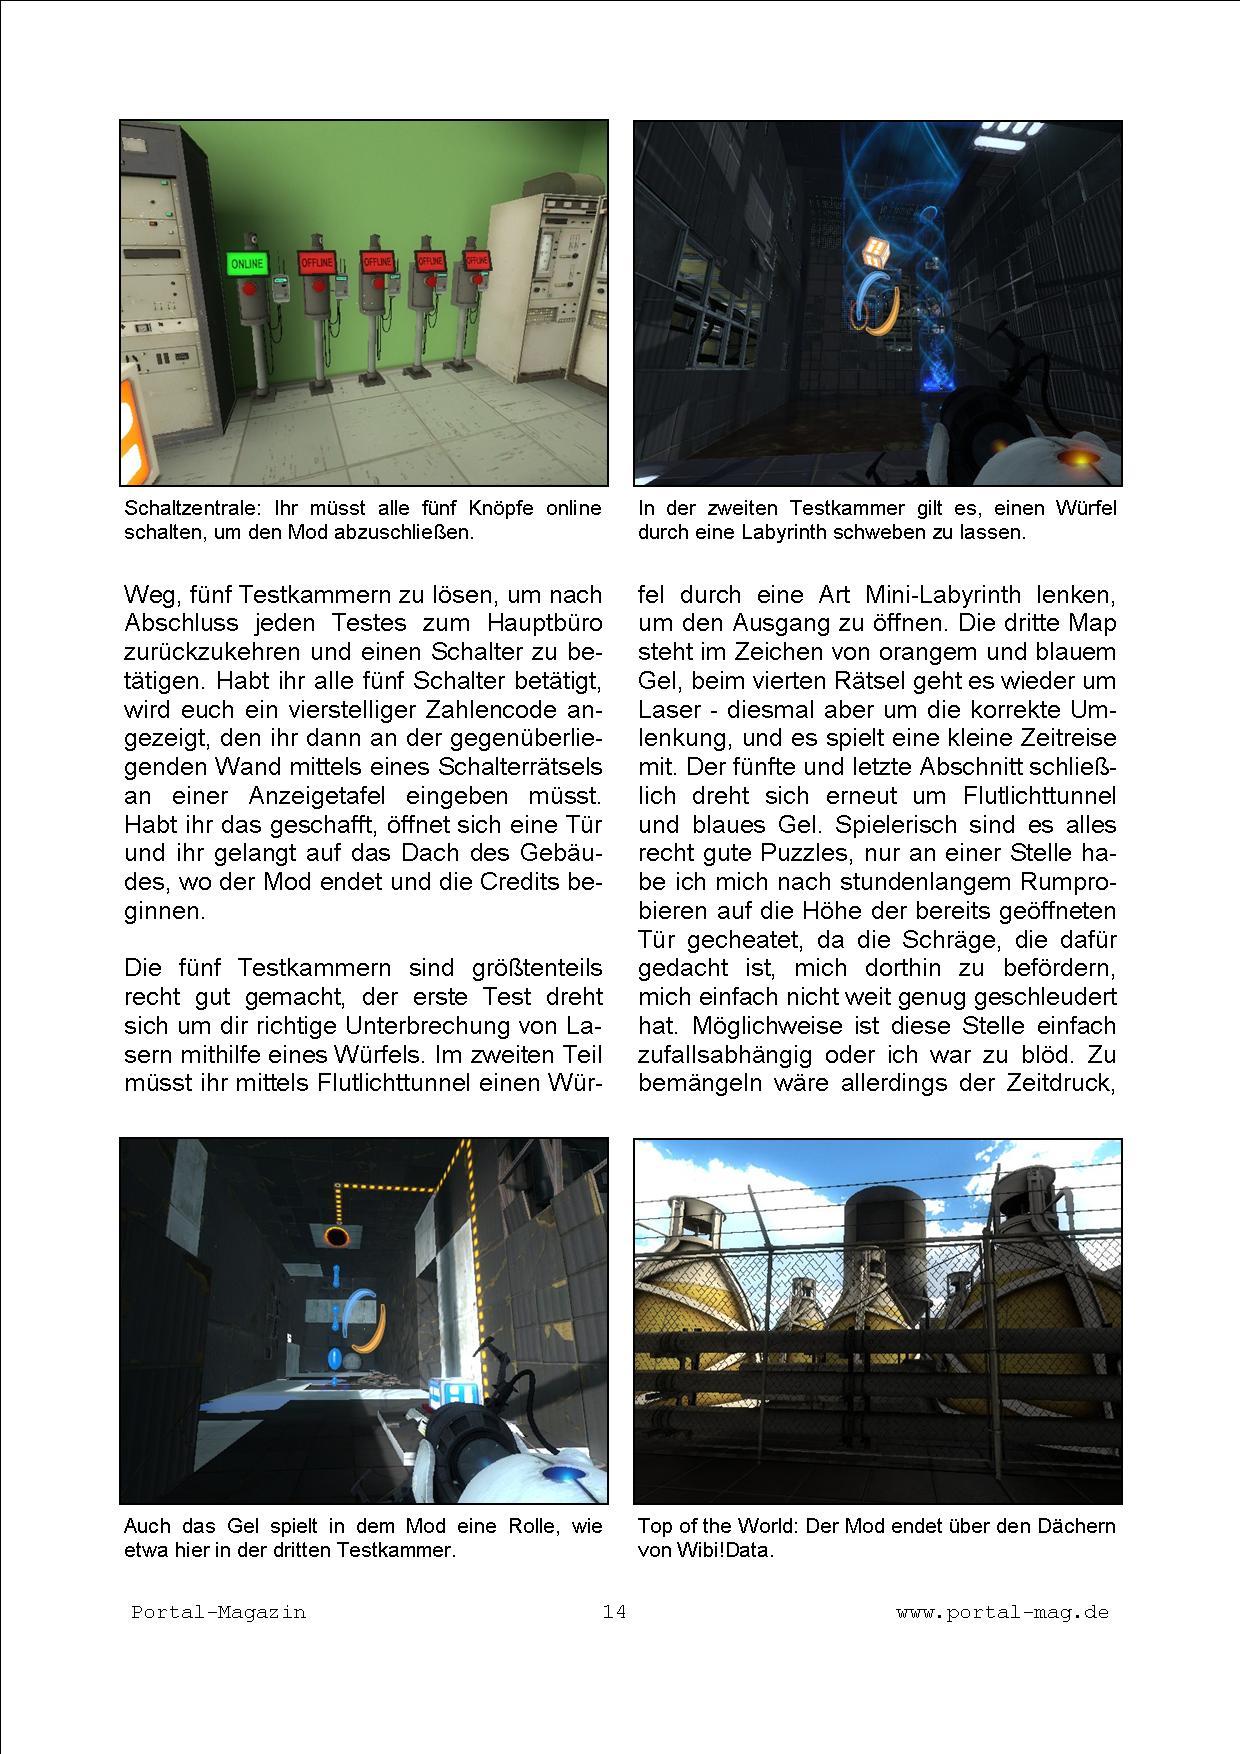 Ausgabe 13, Seite 14